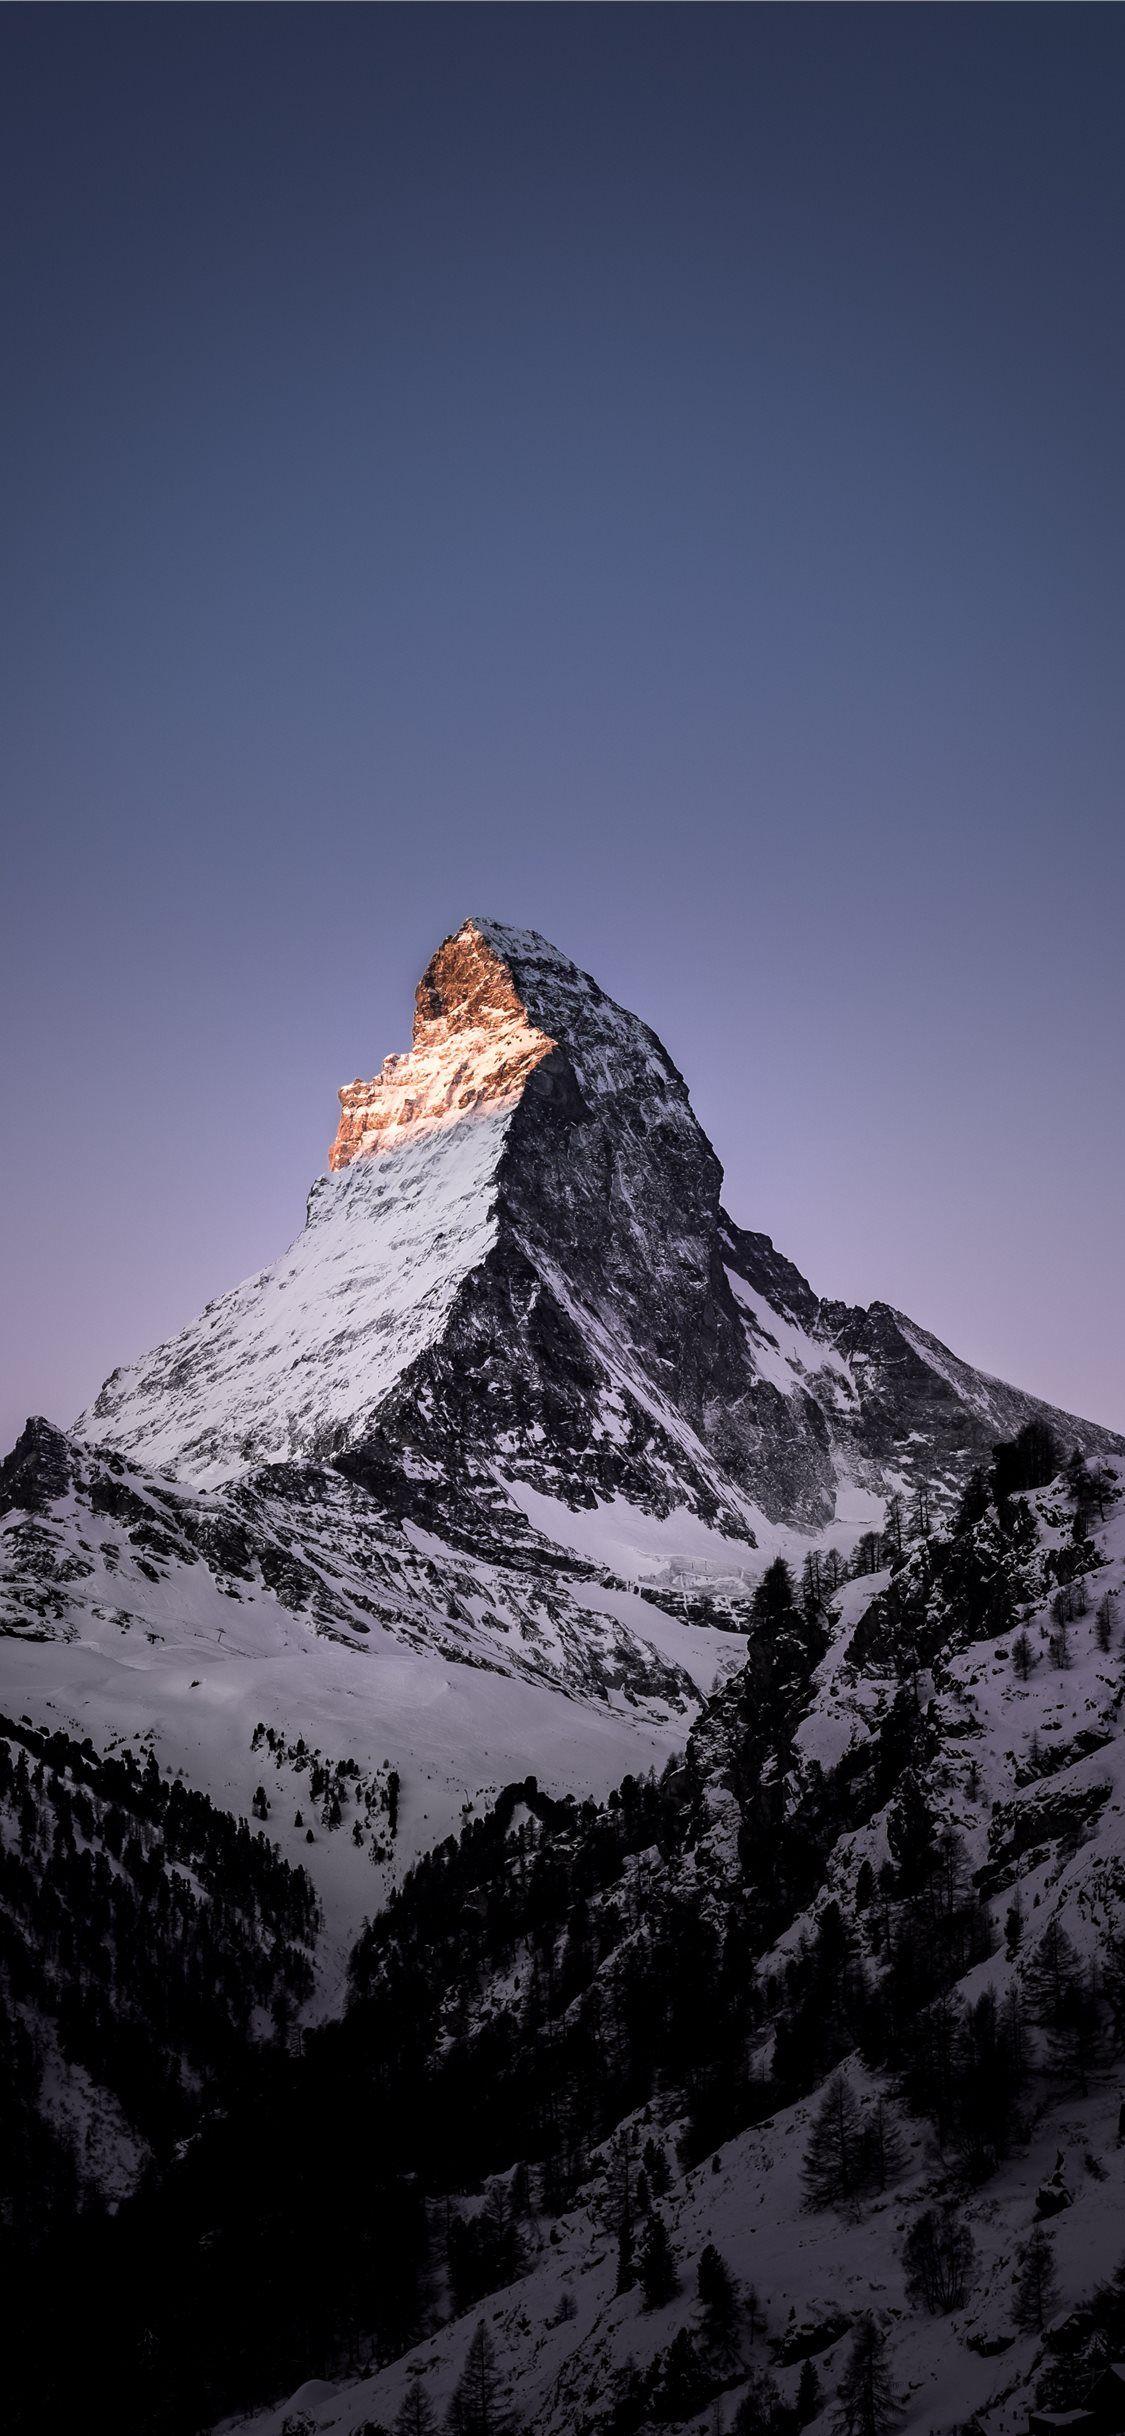 Matterhorn Zermatt Switzerland Winter Morning Mountain Switzerland Matterhorn Zer Switzerland Wallpaper Iphone Wallpaper Mountains Landscape Wallpaper